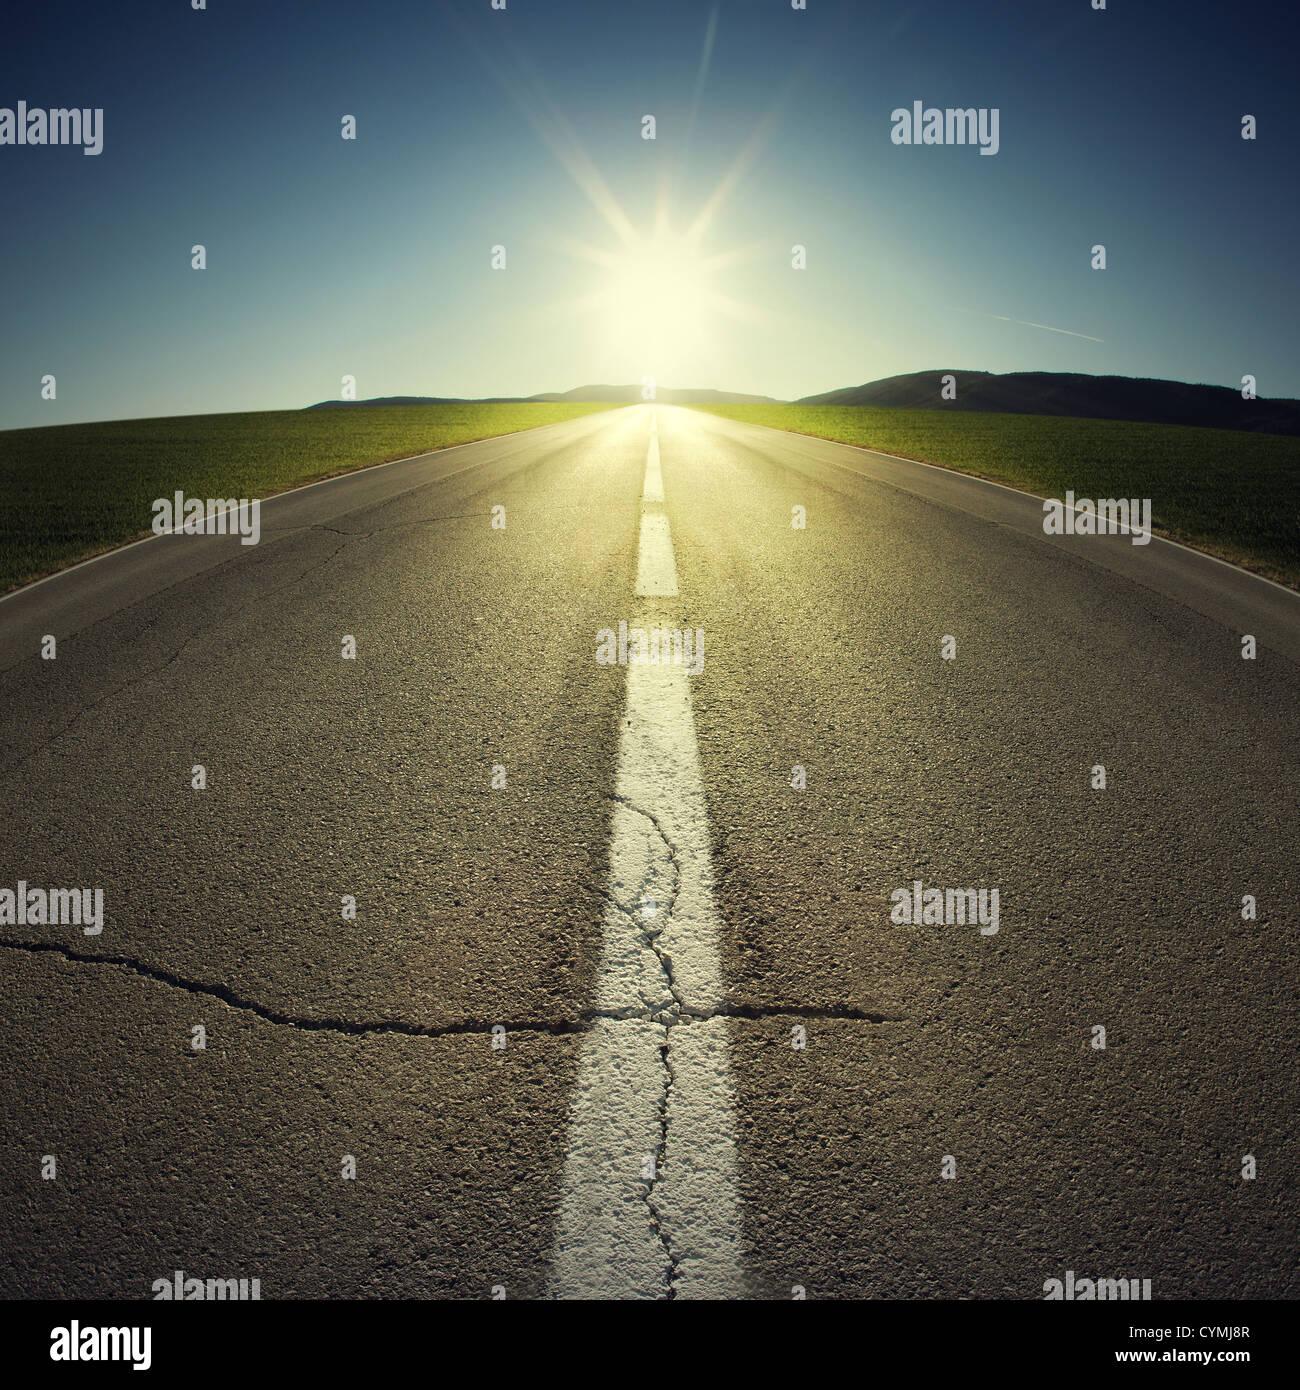 El asfalto de carretera con luz de fondo Imagen De Stock